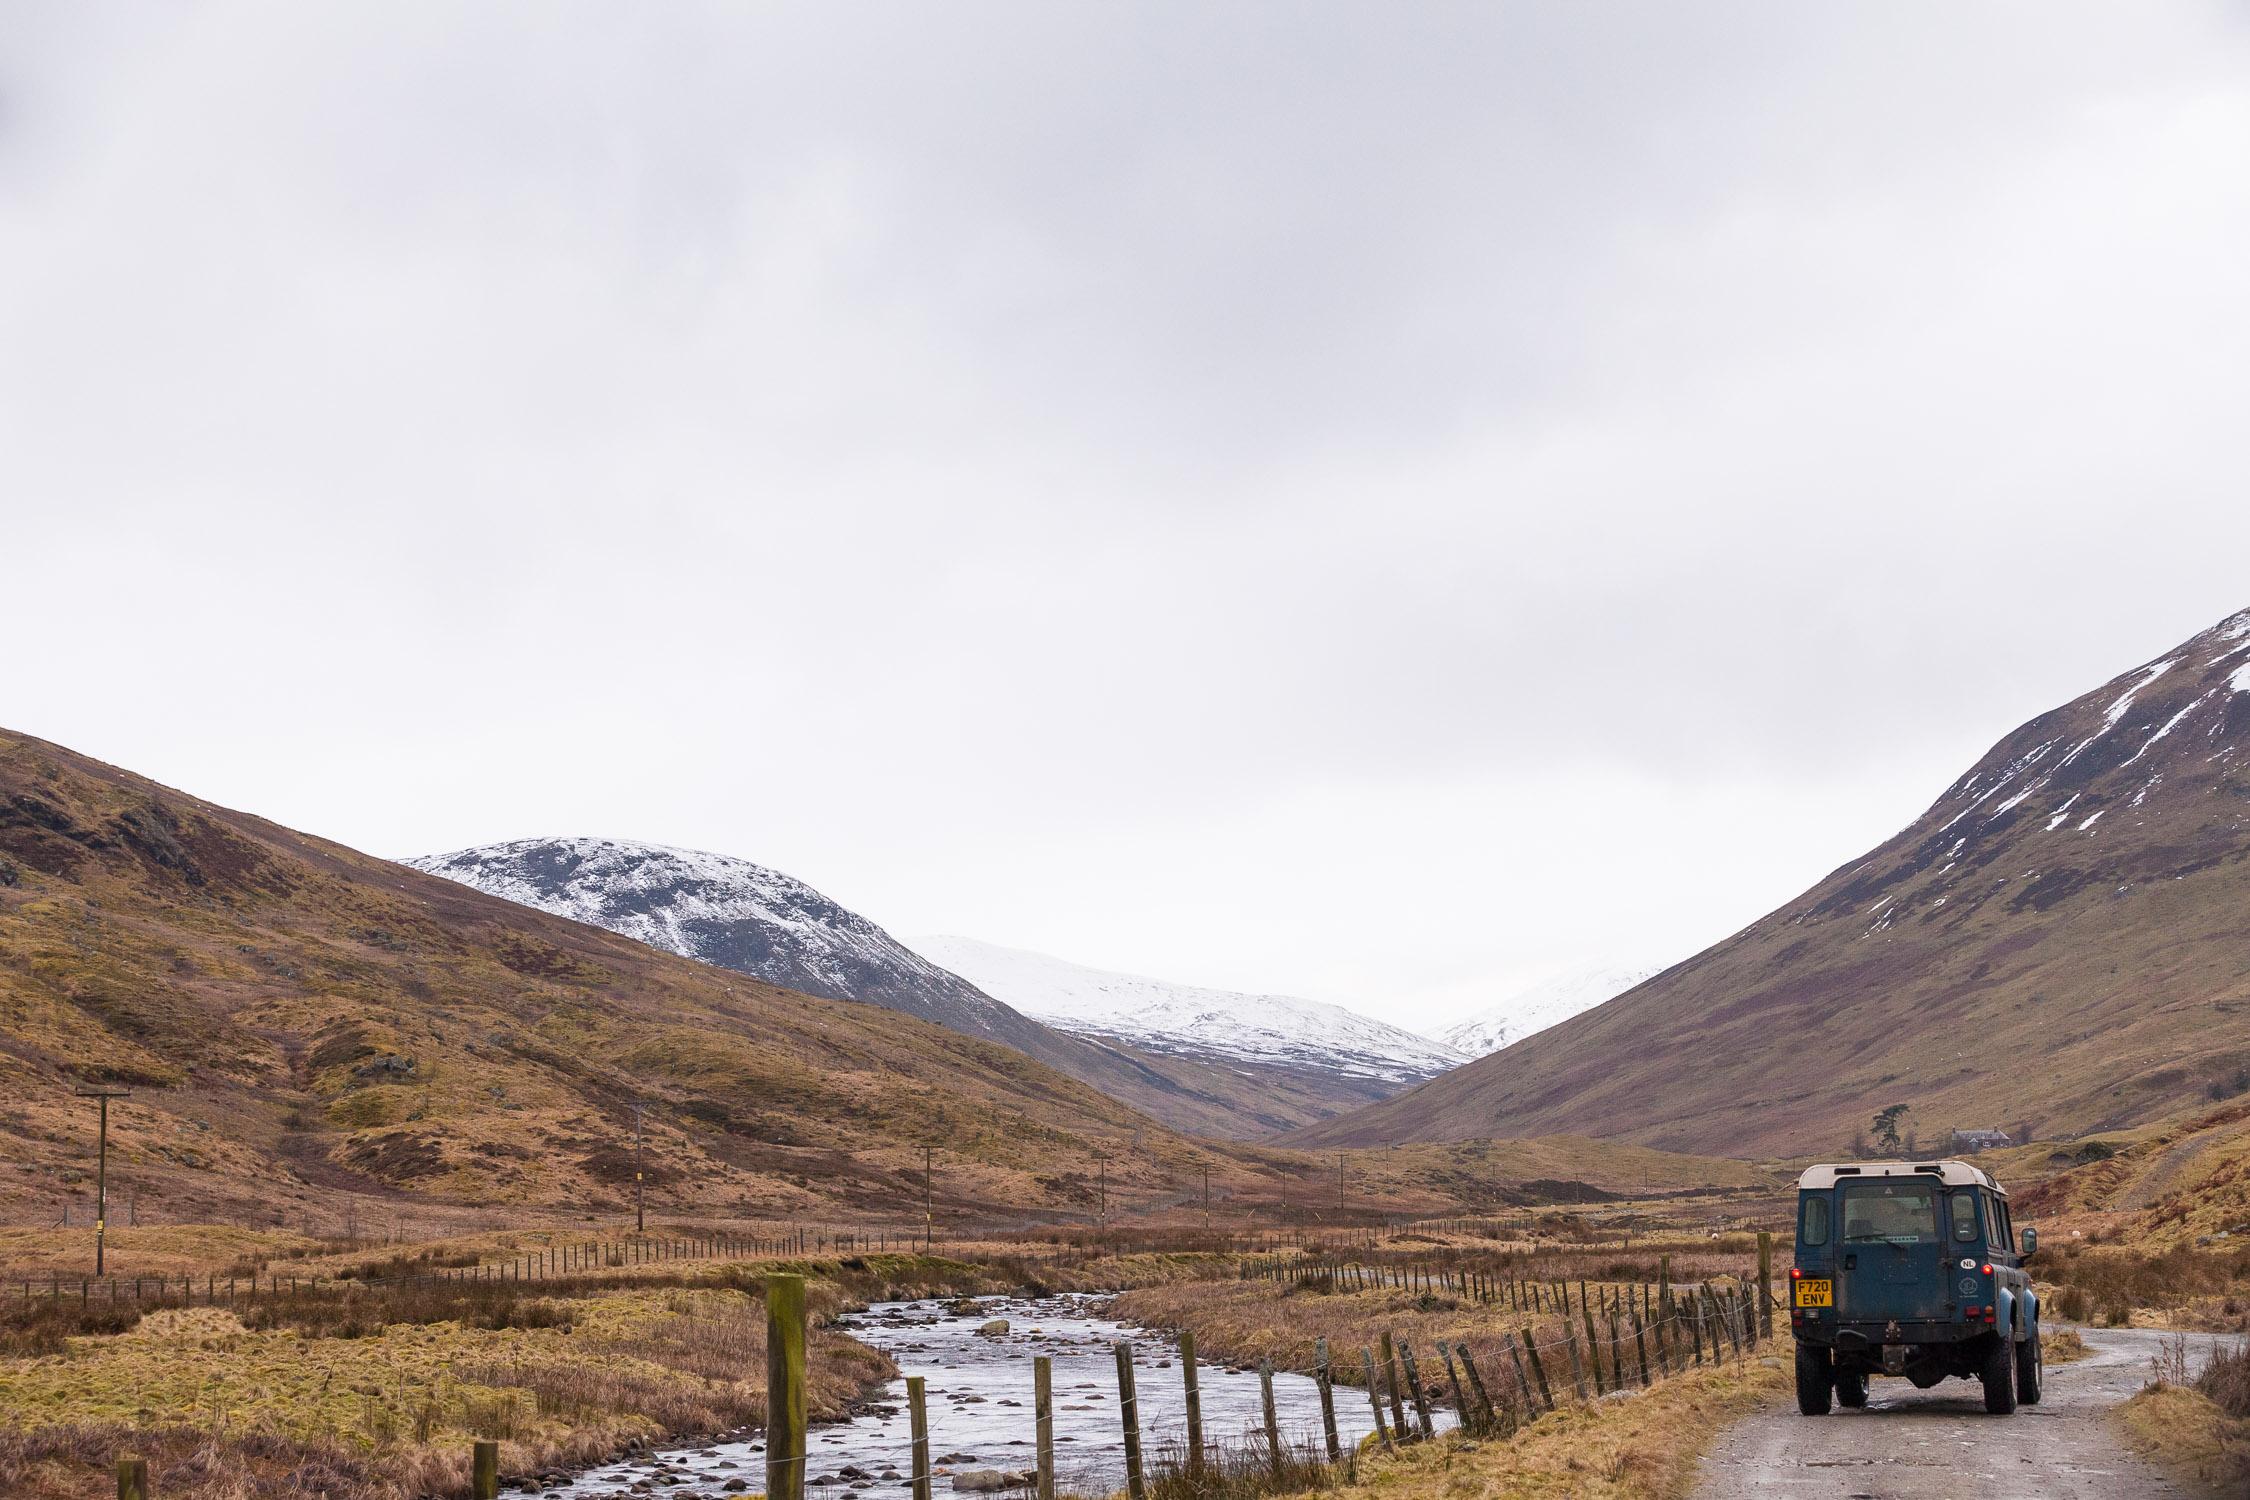 Landrover in Schotland.jpg